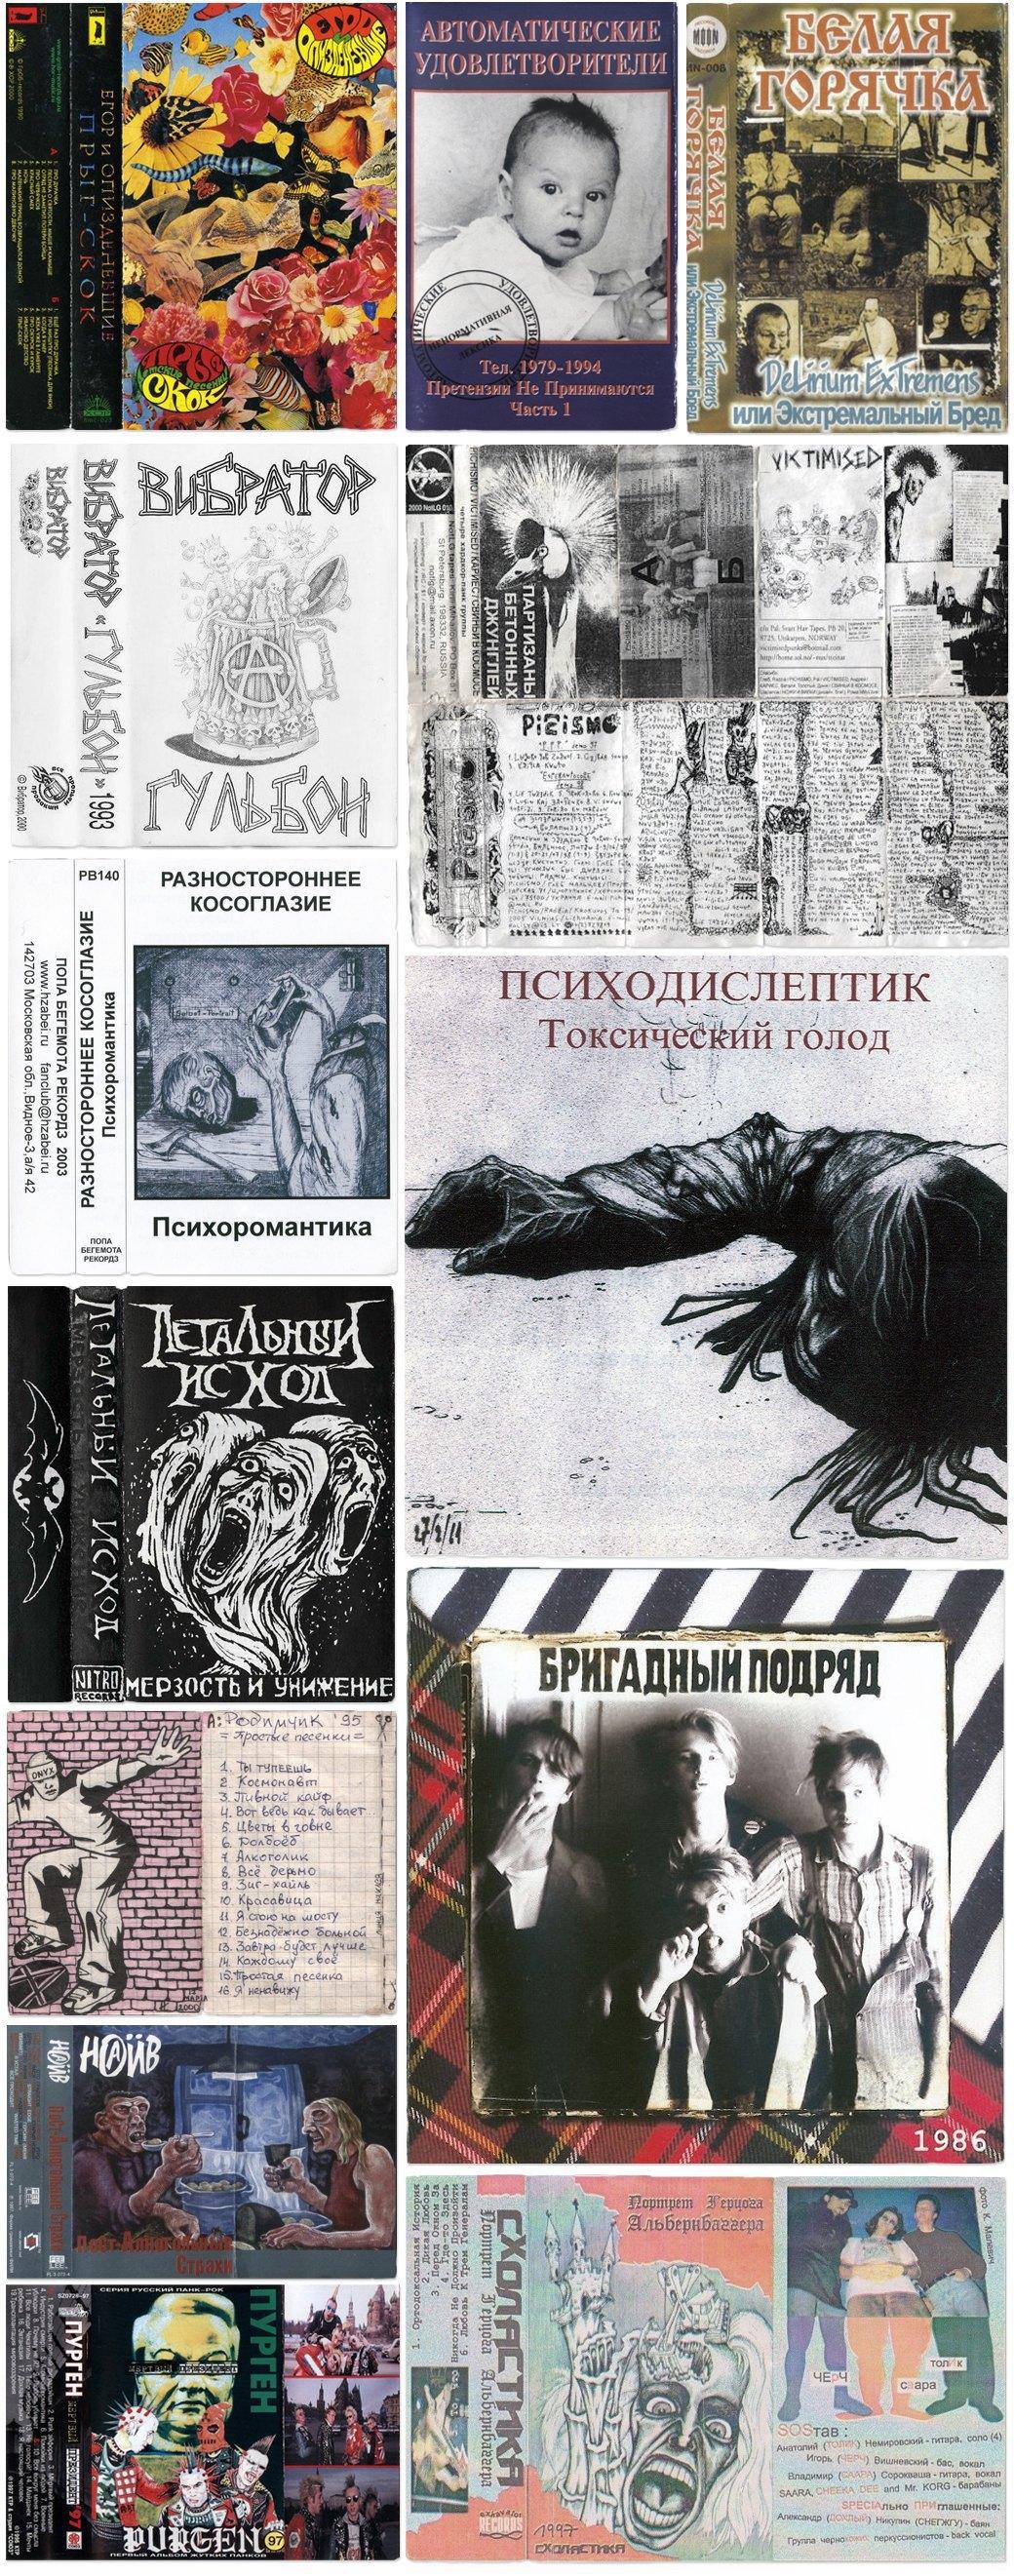 Обложки альбомов золотой эры русского панк-рока . Изображение № 4.